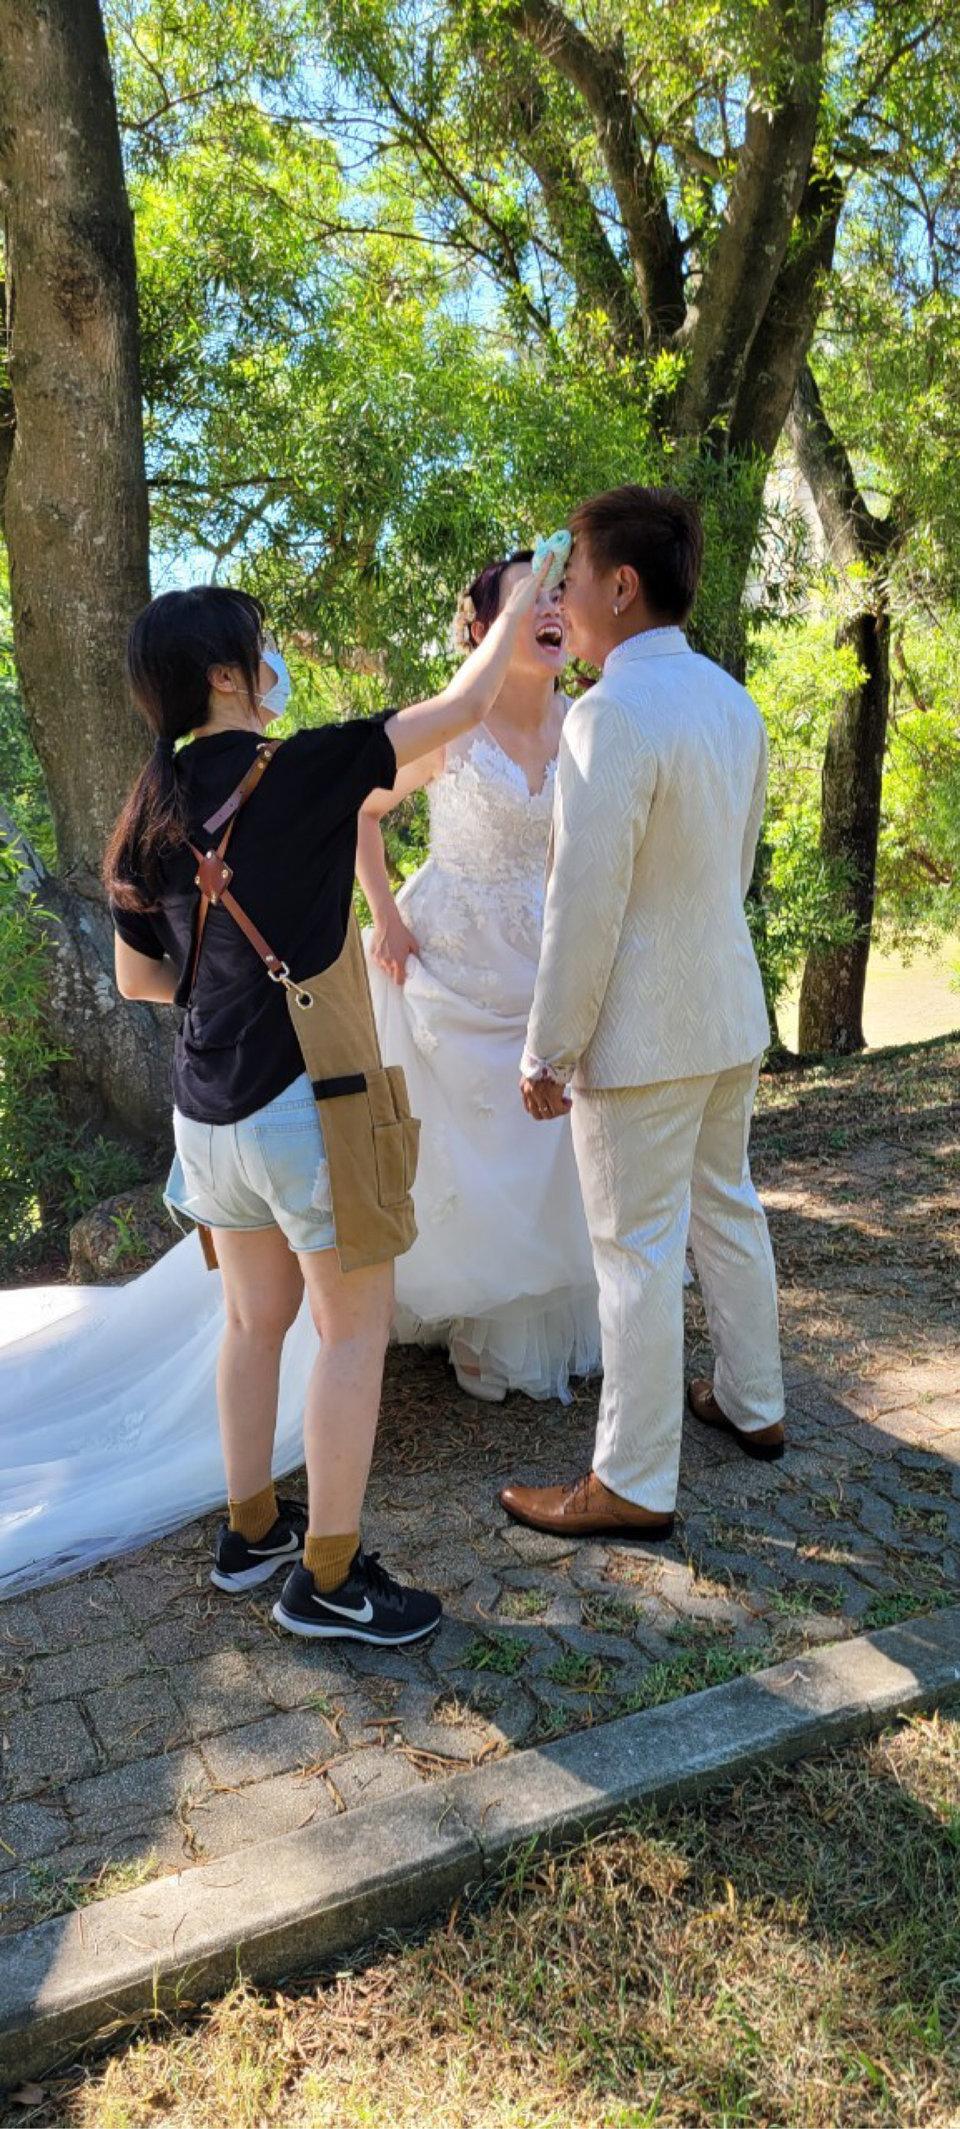 伊頓自助婚紗攝影工作室(新北板橋店),買了一顆健達出奇蛋,蹦出多種滋味